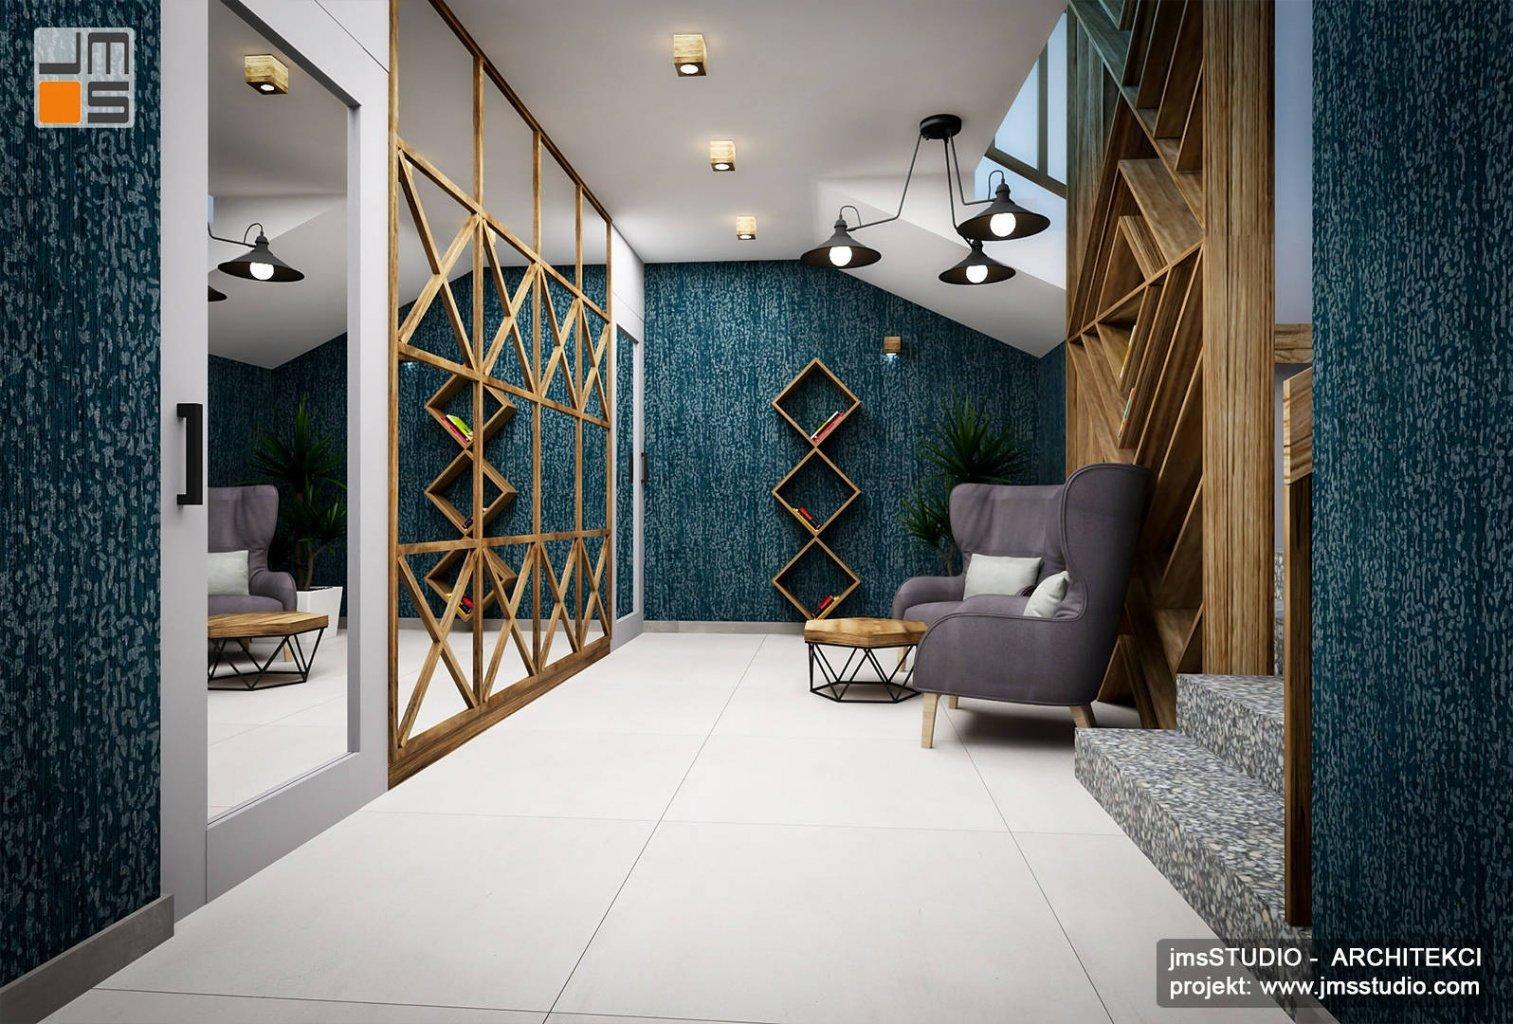 duża ściana z lustrem i dekoracja drewniana w strefie holu foyer w projekt wnętrz restauracji eleganckie wnętrza w stylu góralskim